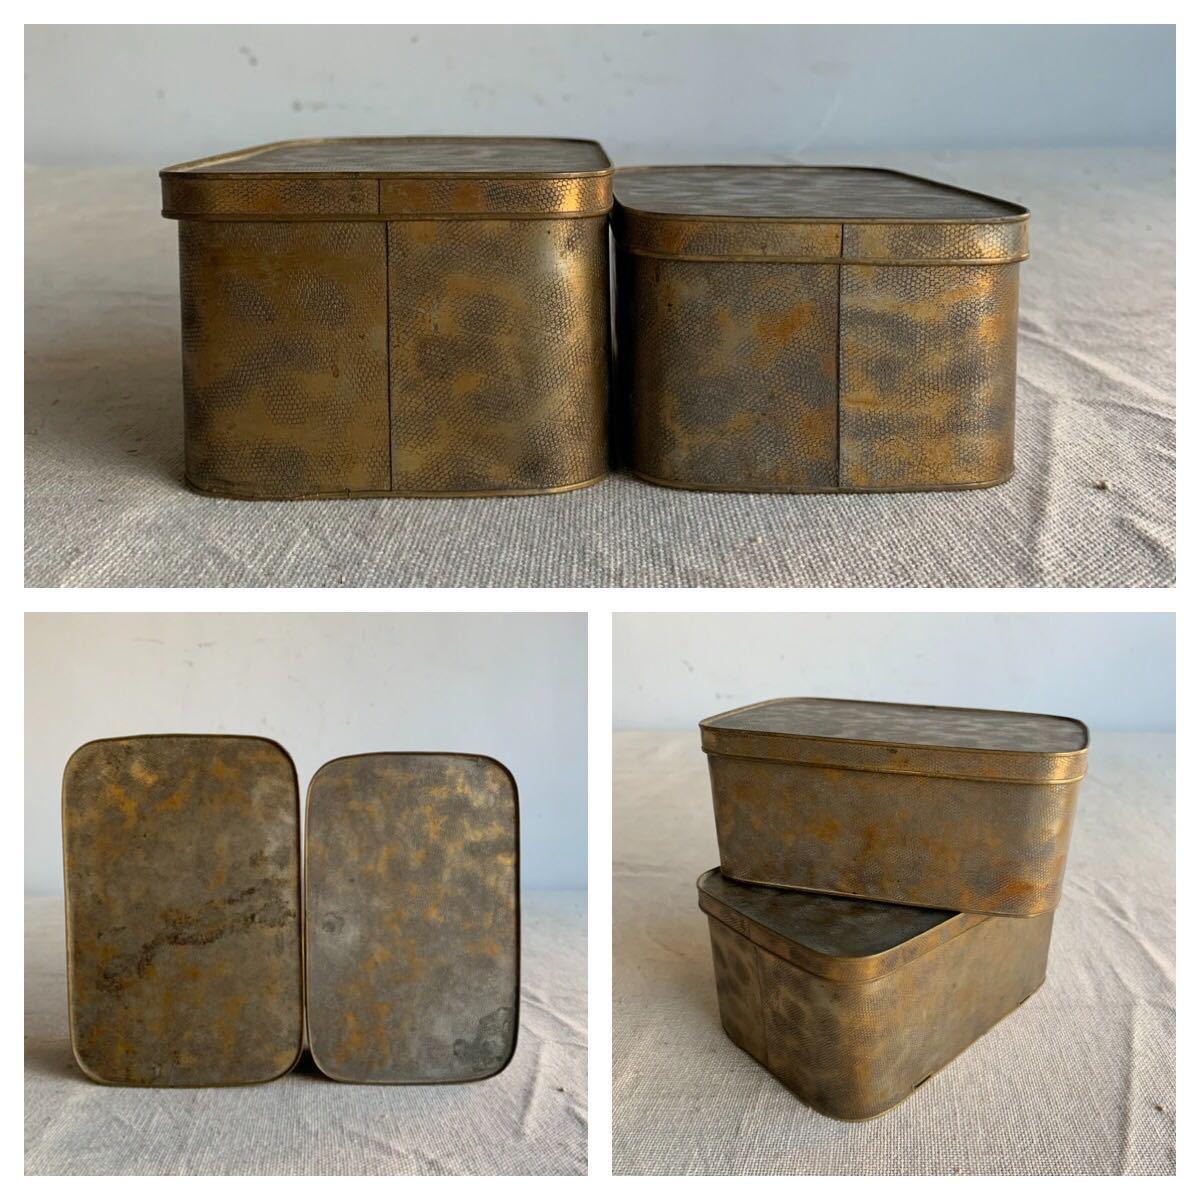 古い真鍮製の入れ子箱2個セット ケース収納旧家蔵出レトロ古民家古道具古物骨董アンティークビンテージシャビーインテリアディスプレイ整理_画像1